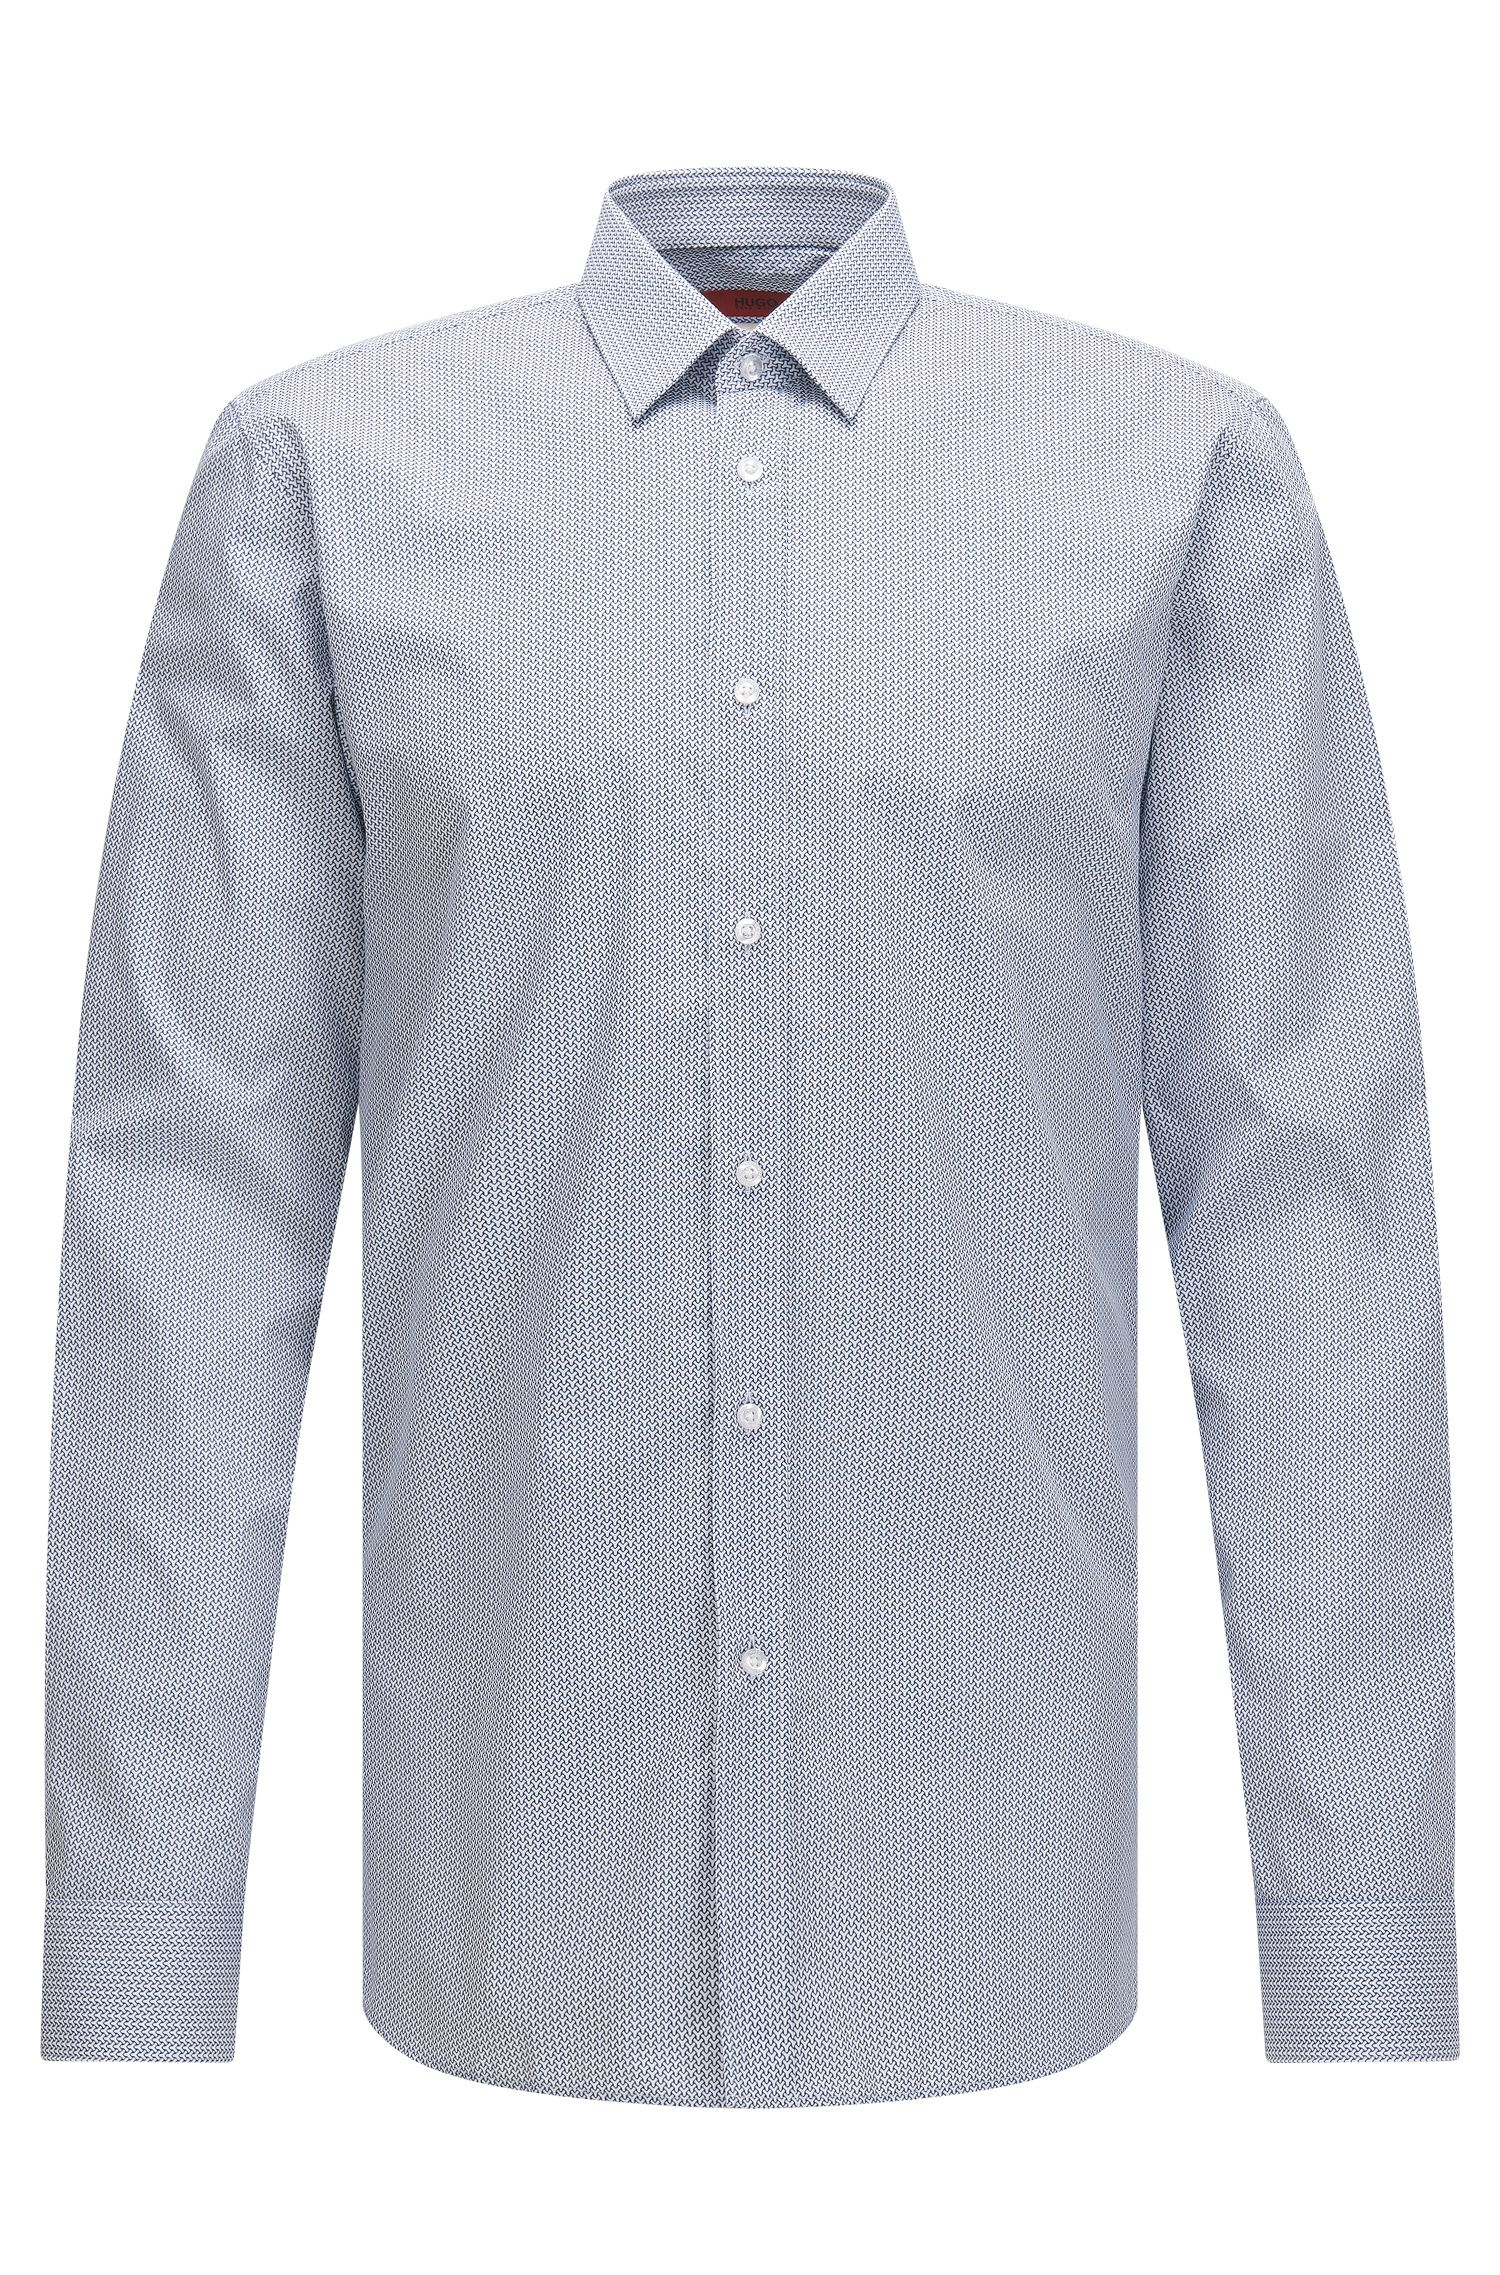 Camicia slim fit in cotone con microdisegni